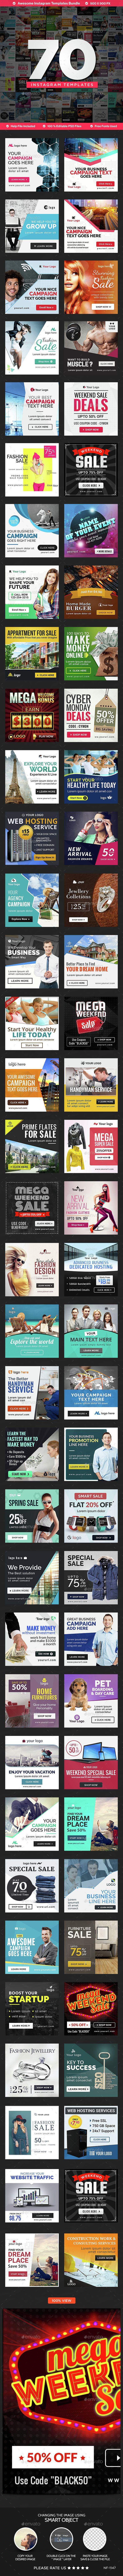 Instagram Banners - 70 Banners | Folletos, Diseño editorial y Medias